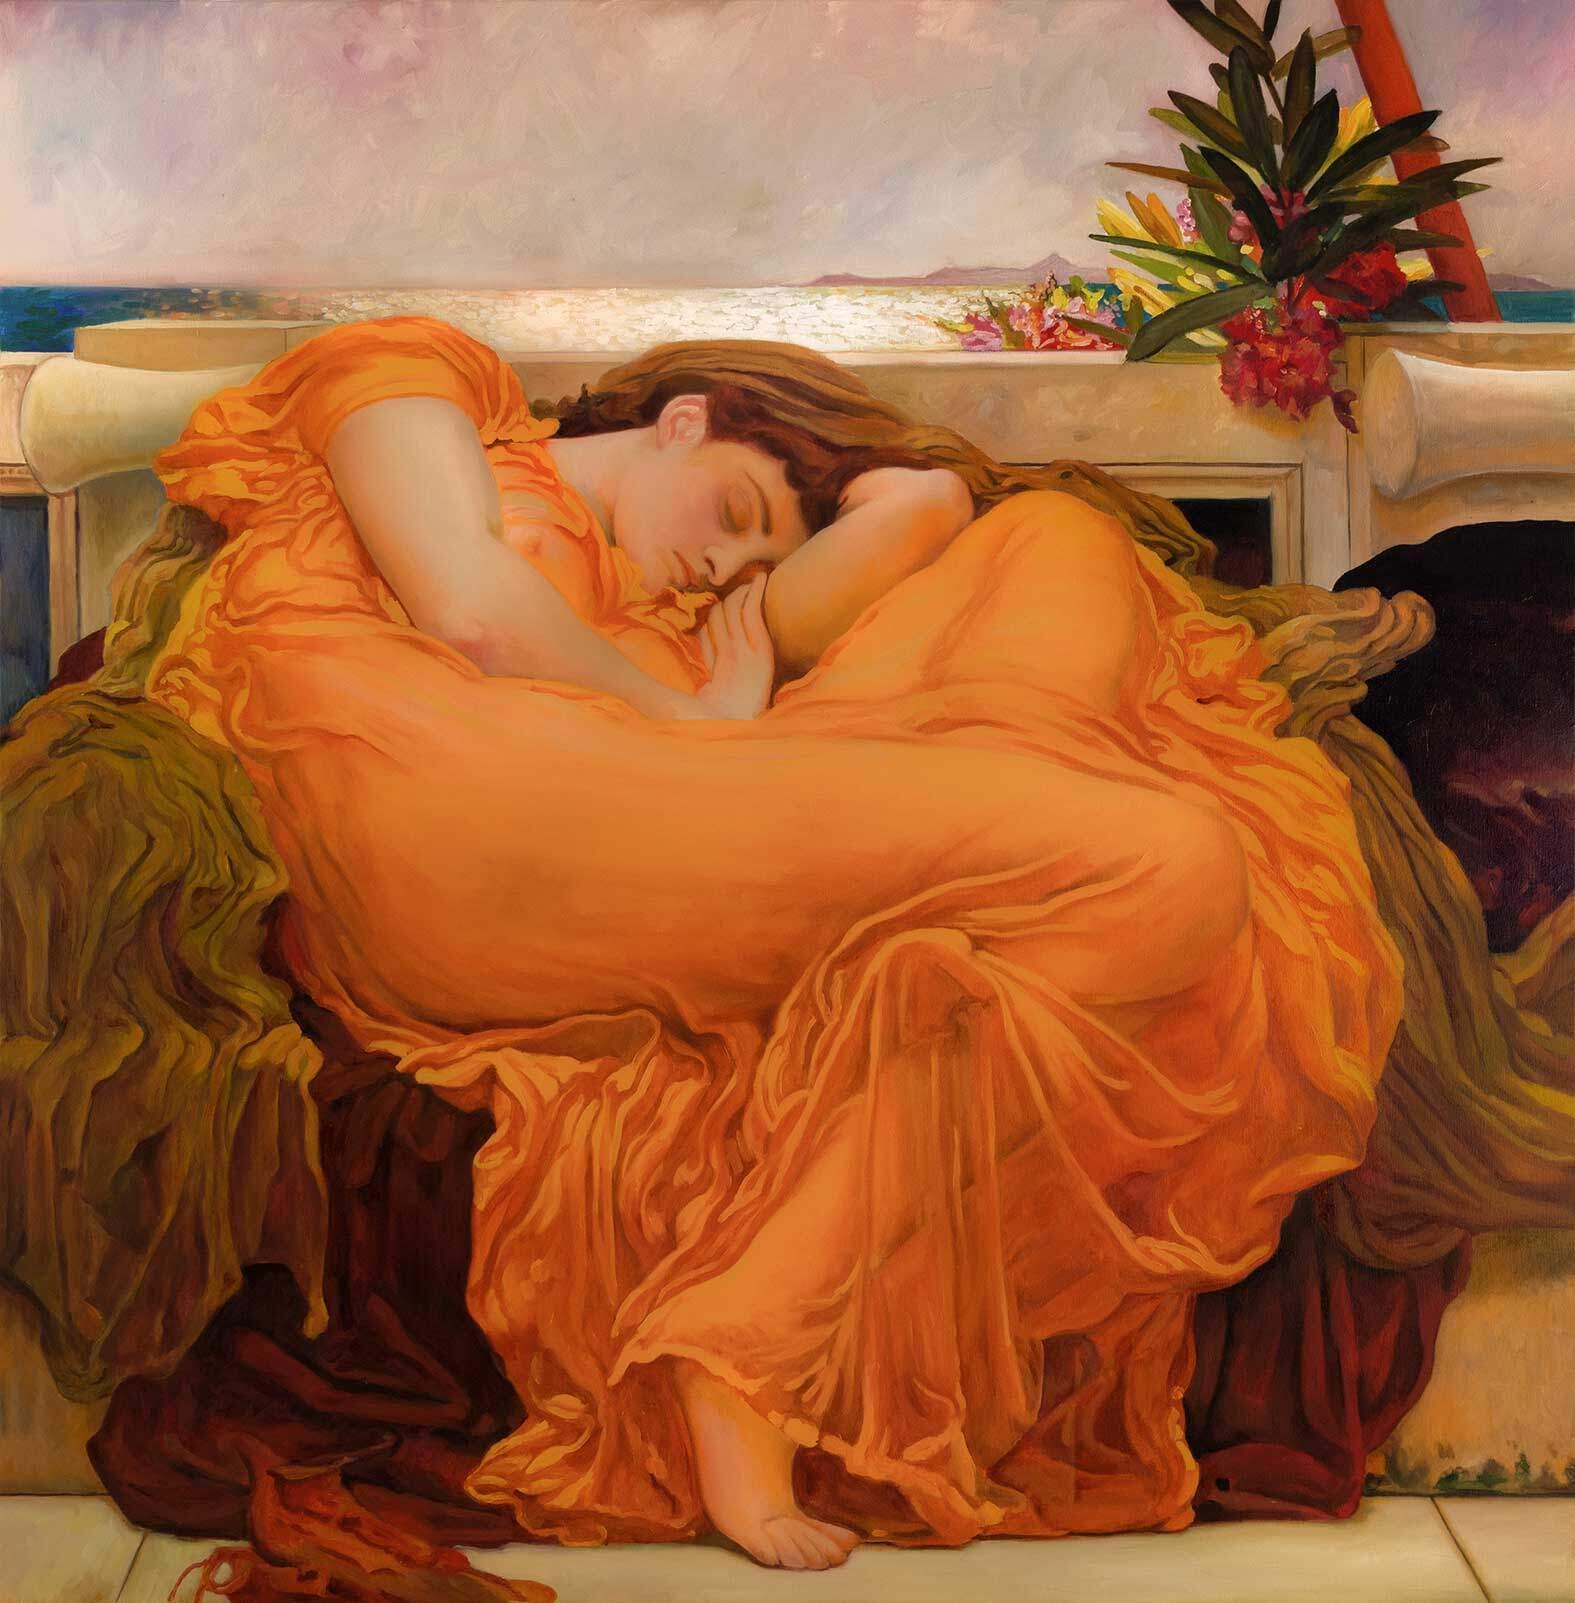 Reproducción de Sol ardiente de Junio de Frederic Leighton